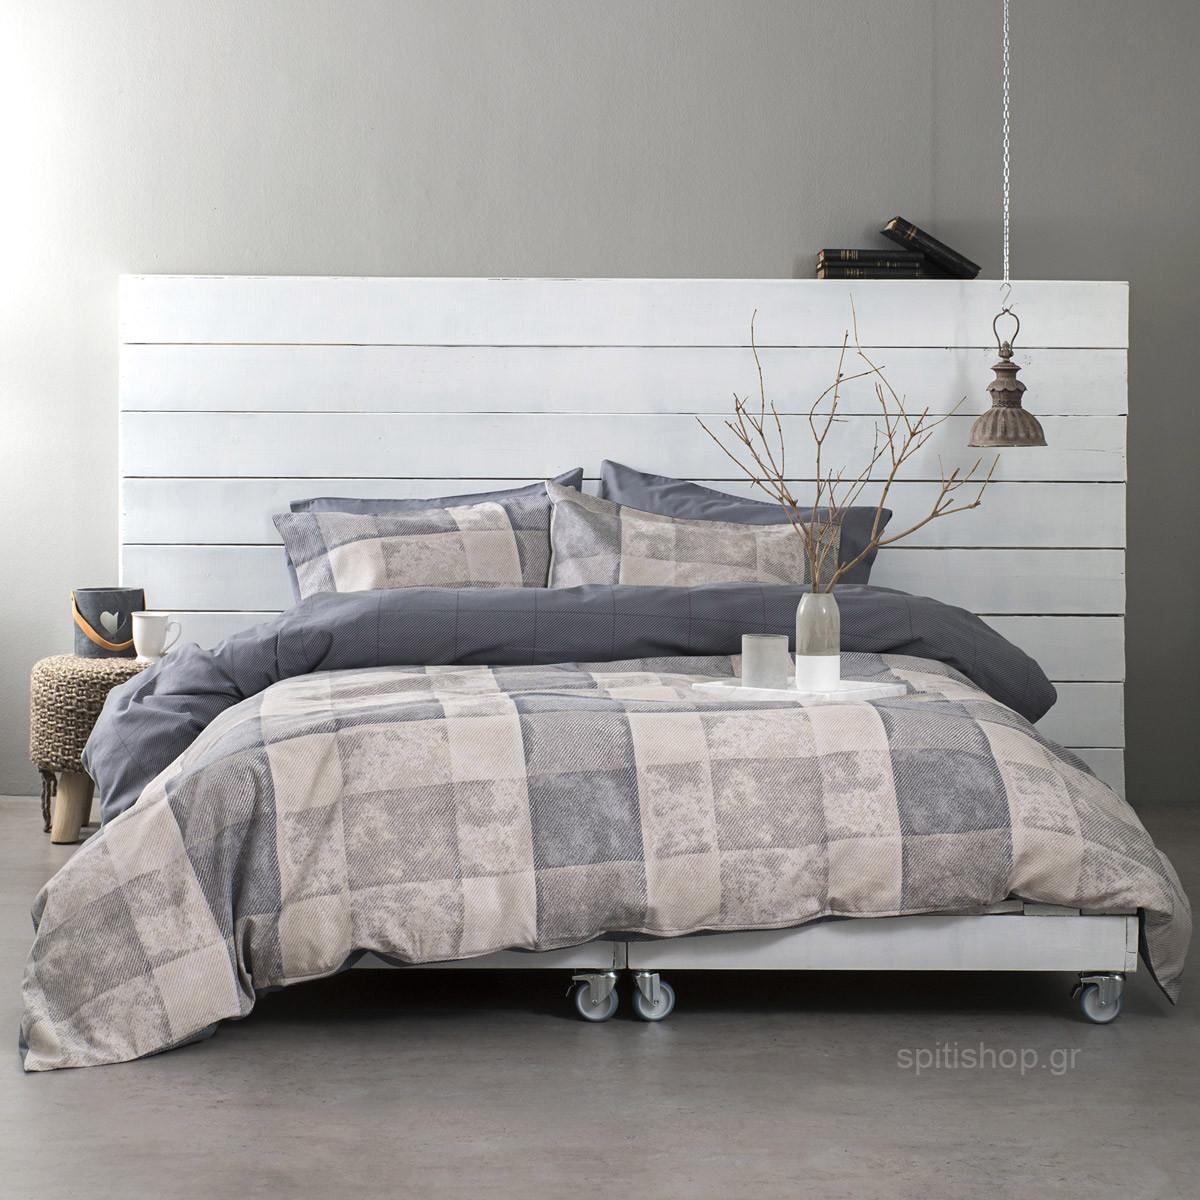 Φανελένια Σεντόνια Υπέρδιπλα (Σετ) Nima Bed Linen Meddley